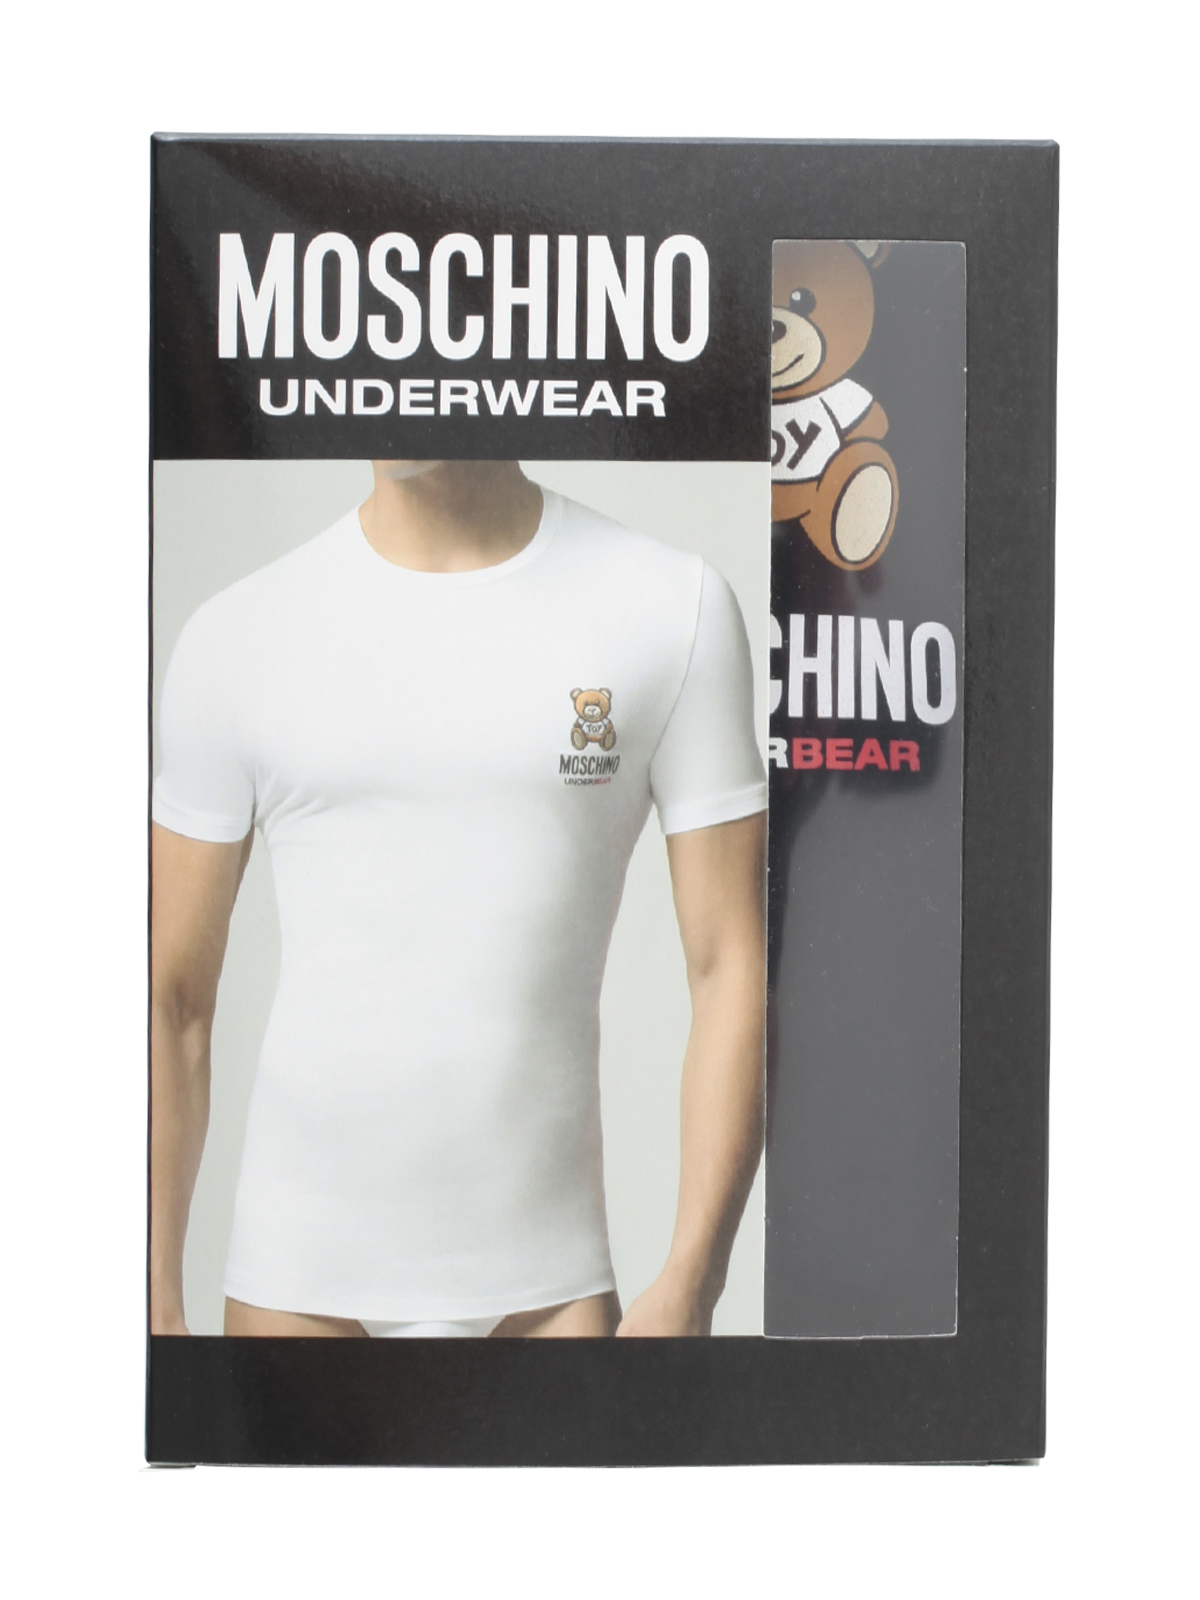 Picture of Moschino Underwear Tshirt